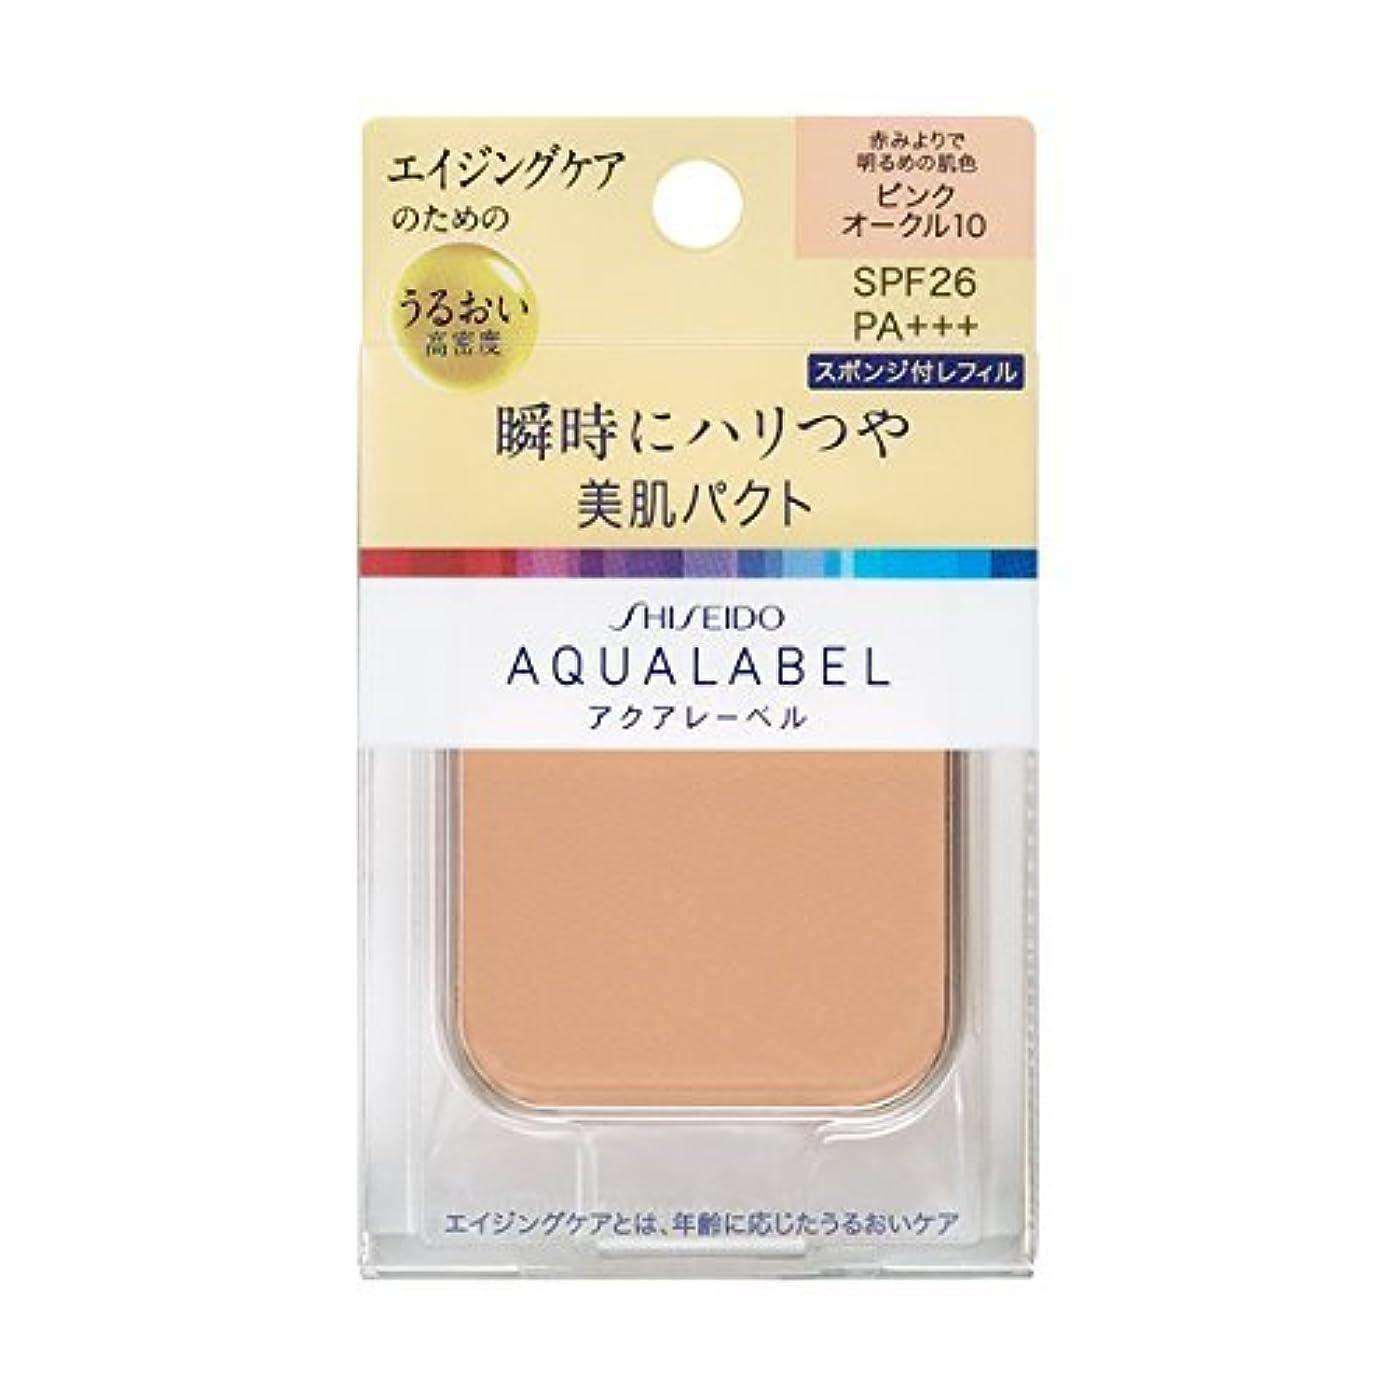 受け入れる悪の登場アクアレーベル 明るいつや肌パクト ピンクオークル10 (レフィル) 11.5g×6個